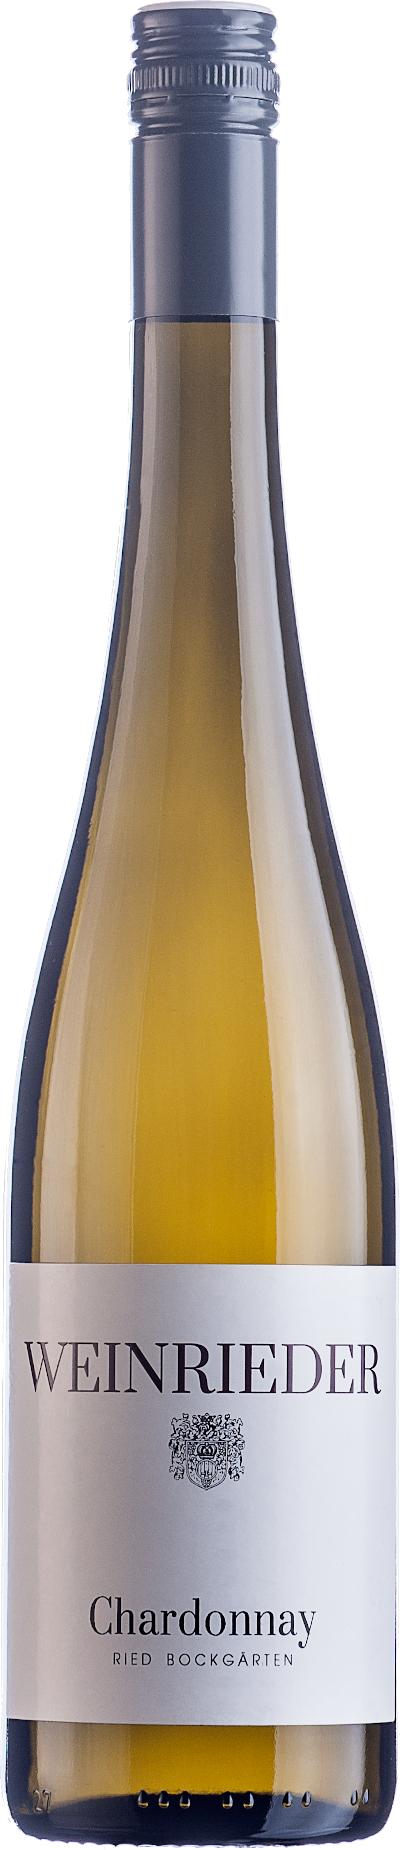 Weinrieder - Chardonnay Ried Bockgärten, 2018